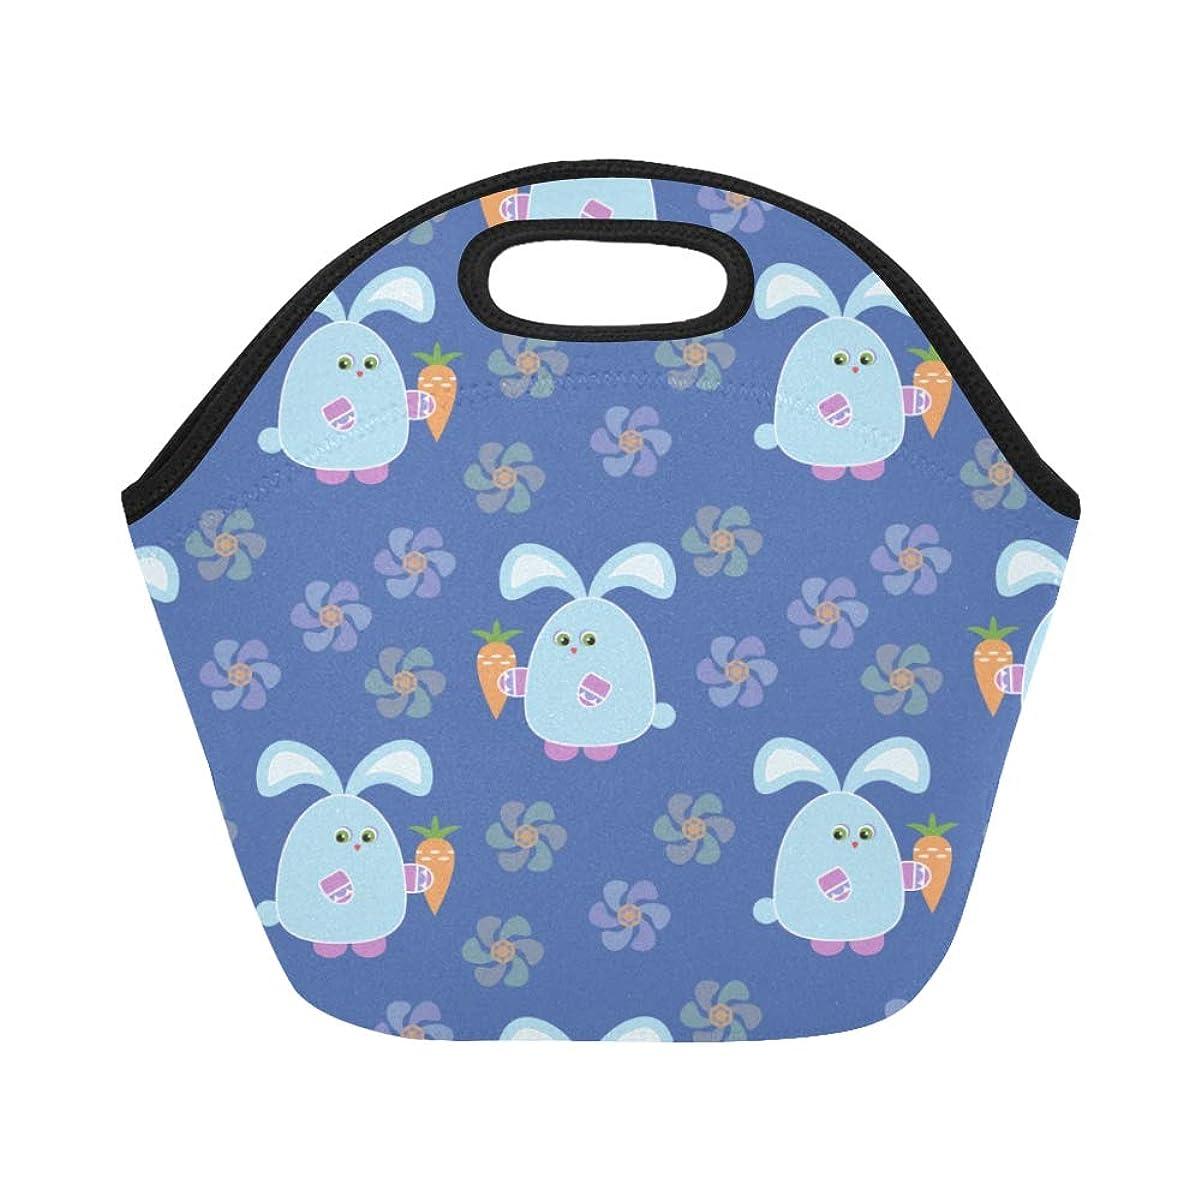 アウター常習的ルビーCWSGH ランチバッグ 青い ブルー すばしこいうさぎや美しい花 弁当袋 お弁当入れ 保温保冷 トート 弁当バッグ 大容量 トートバッグ